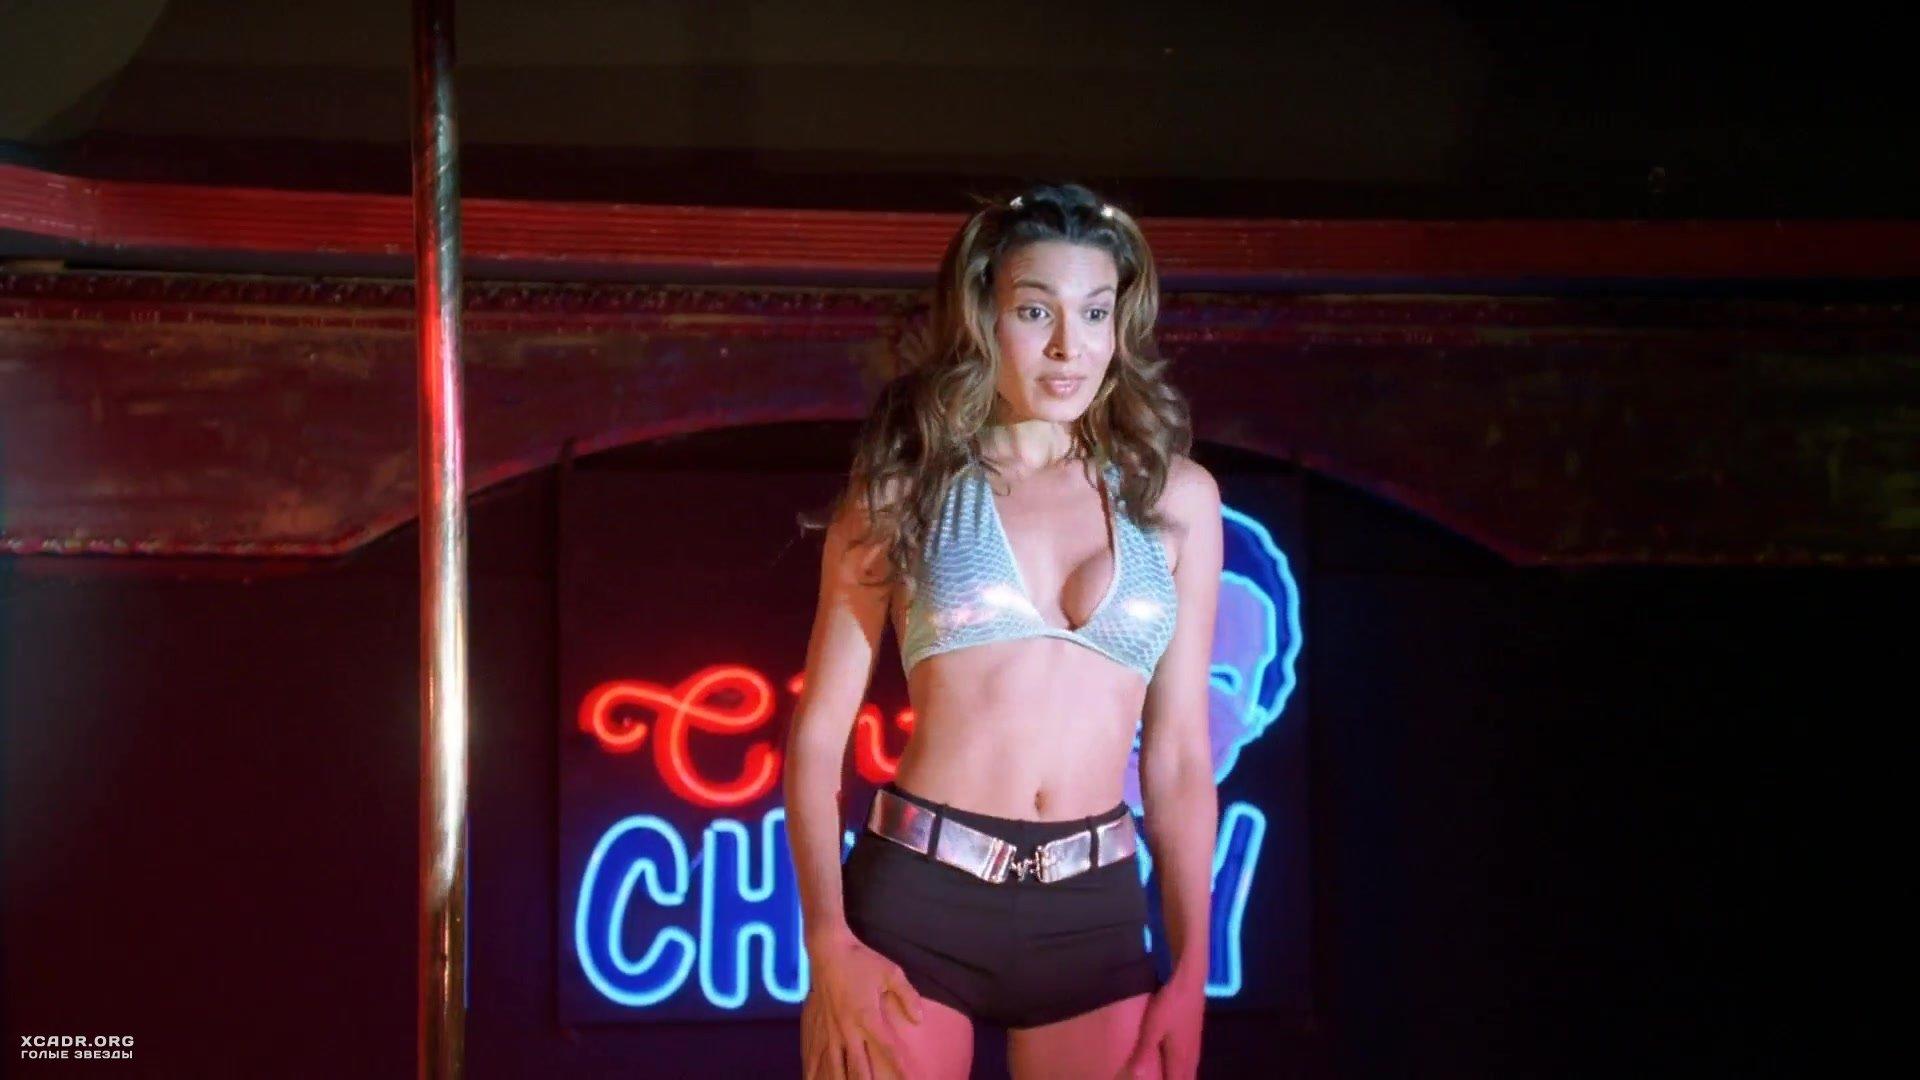 Секс не сцене в ночном клубе секс вечеринки закрытый клуб